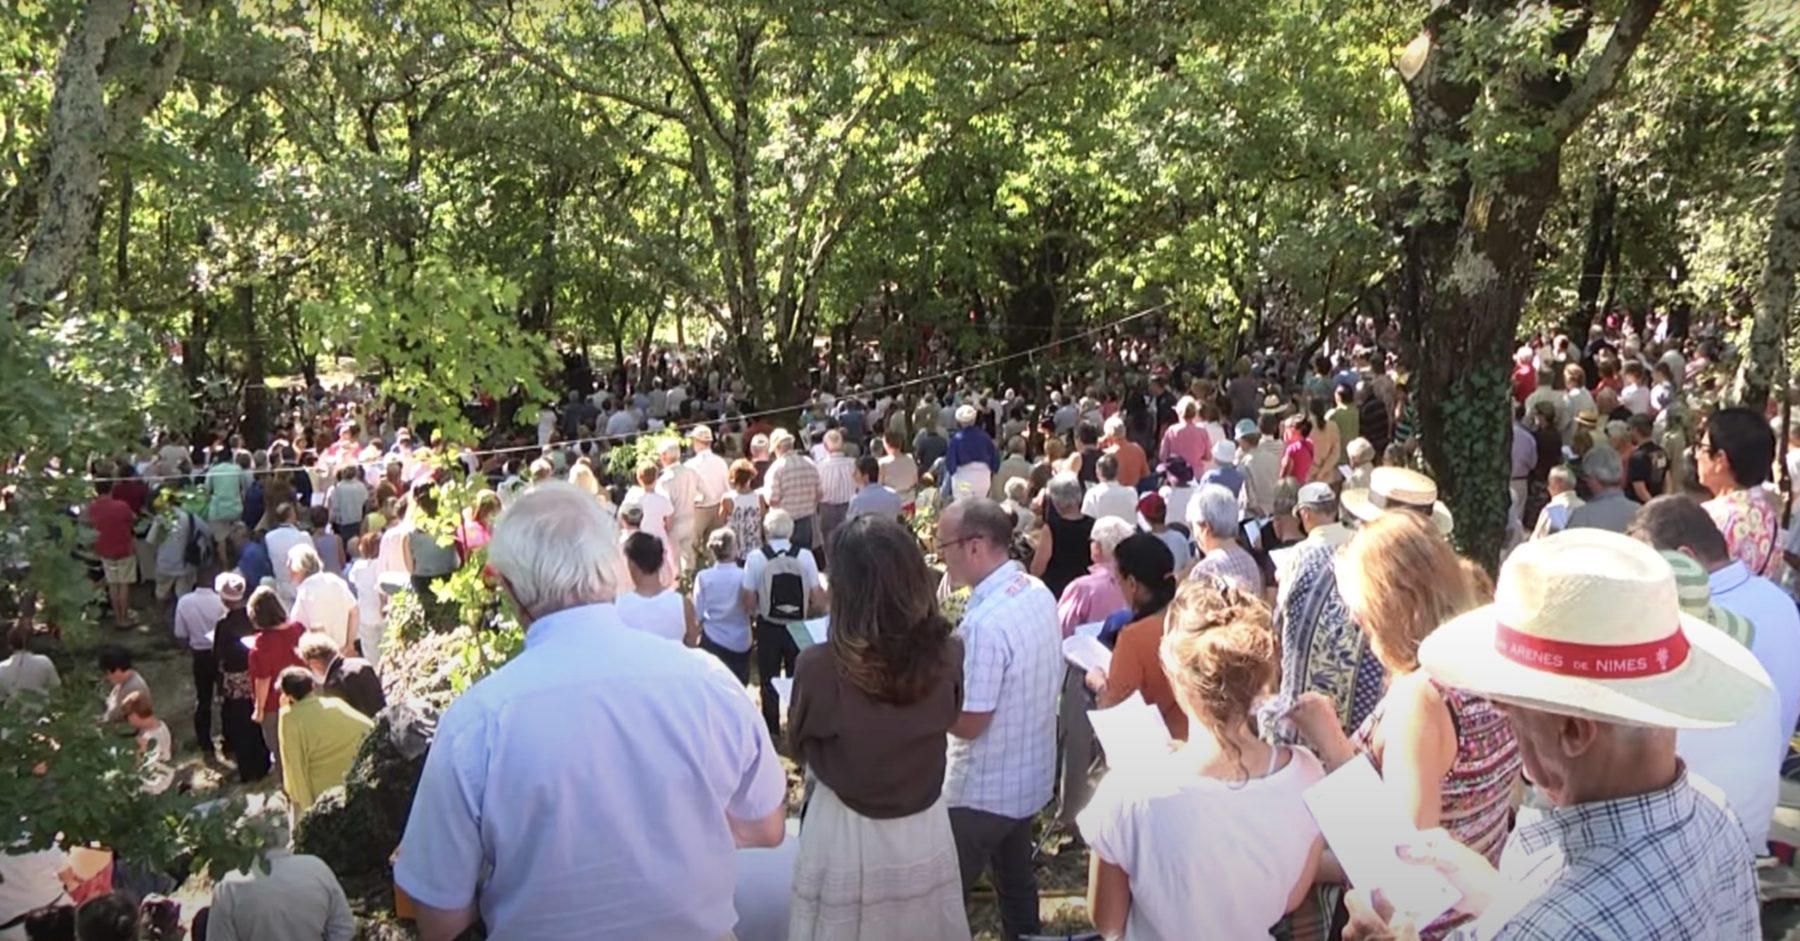 L'Assemblée du Désert en 2013. Une foule est rassemblée sous les arbres